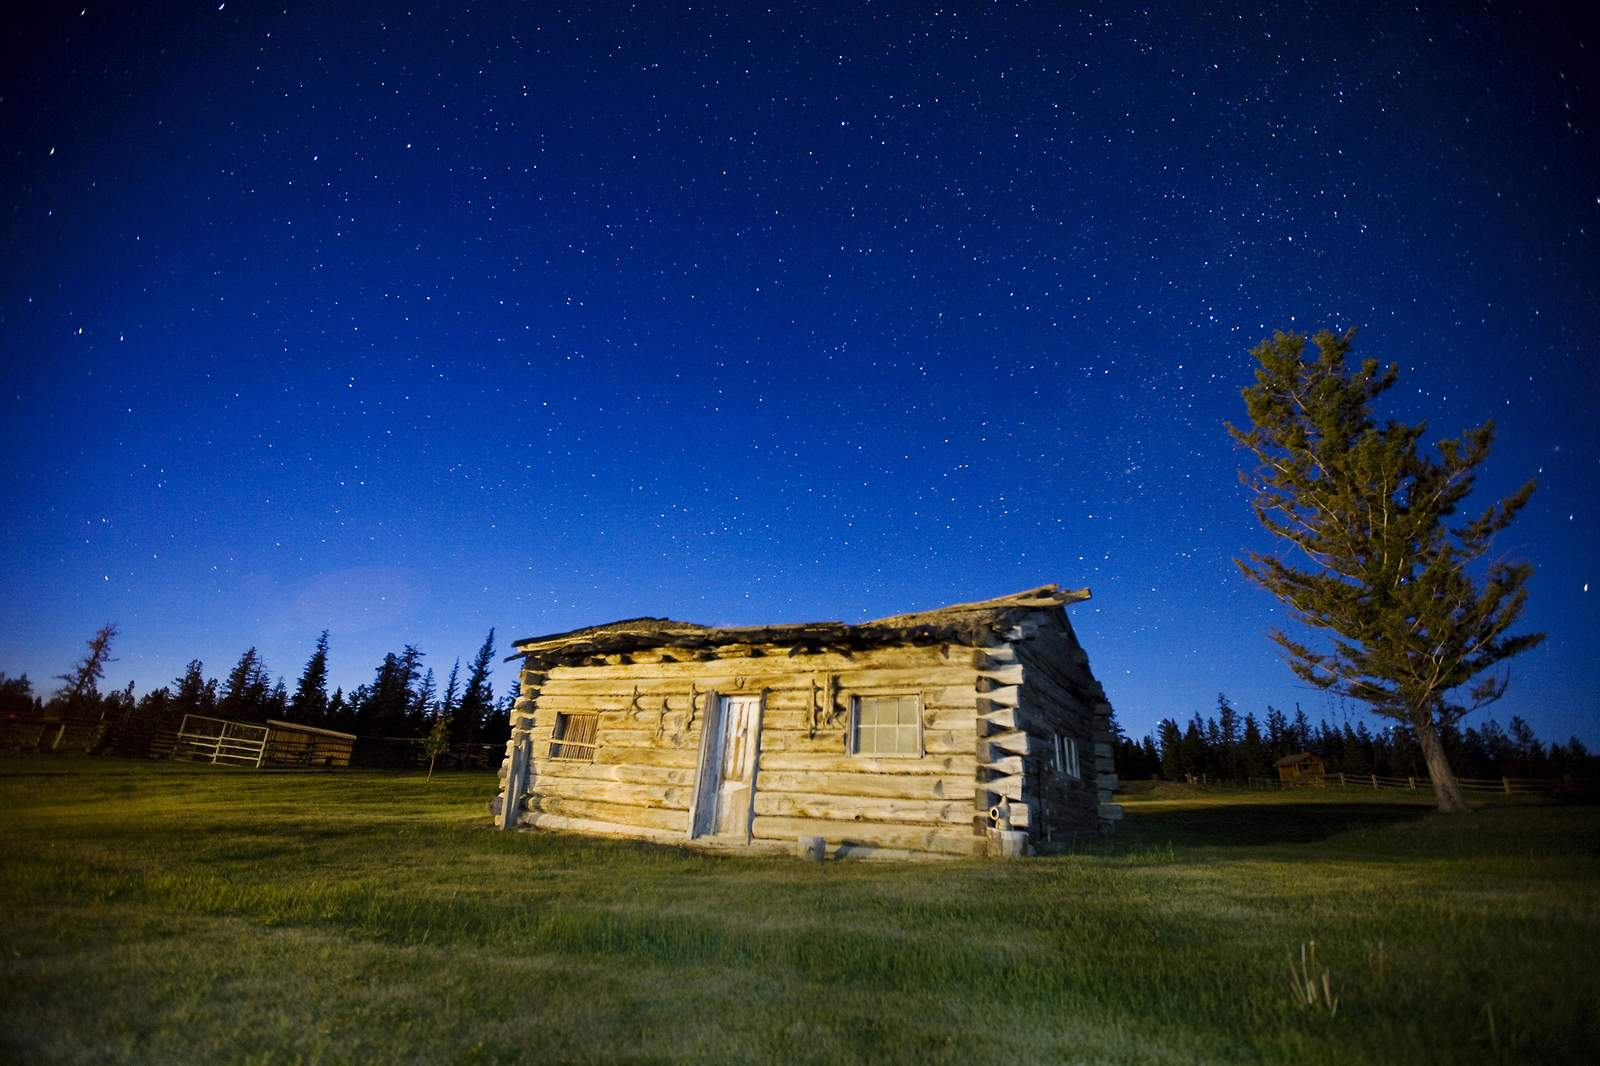 Sternenhimmel über der Ranch